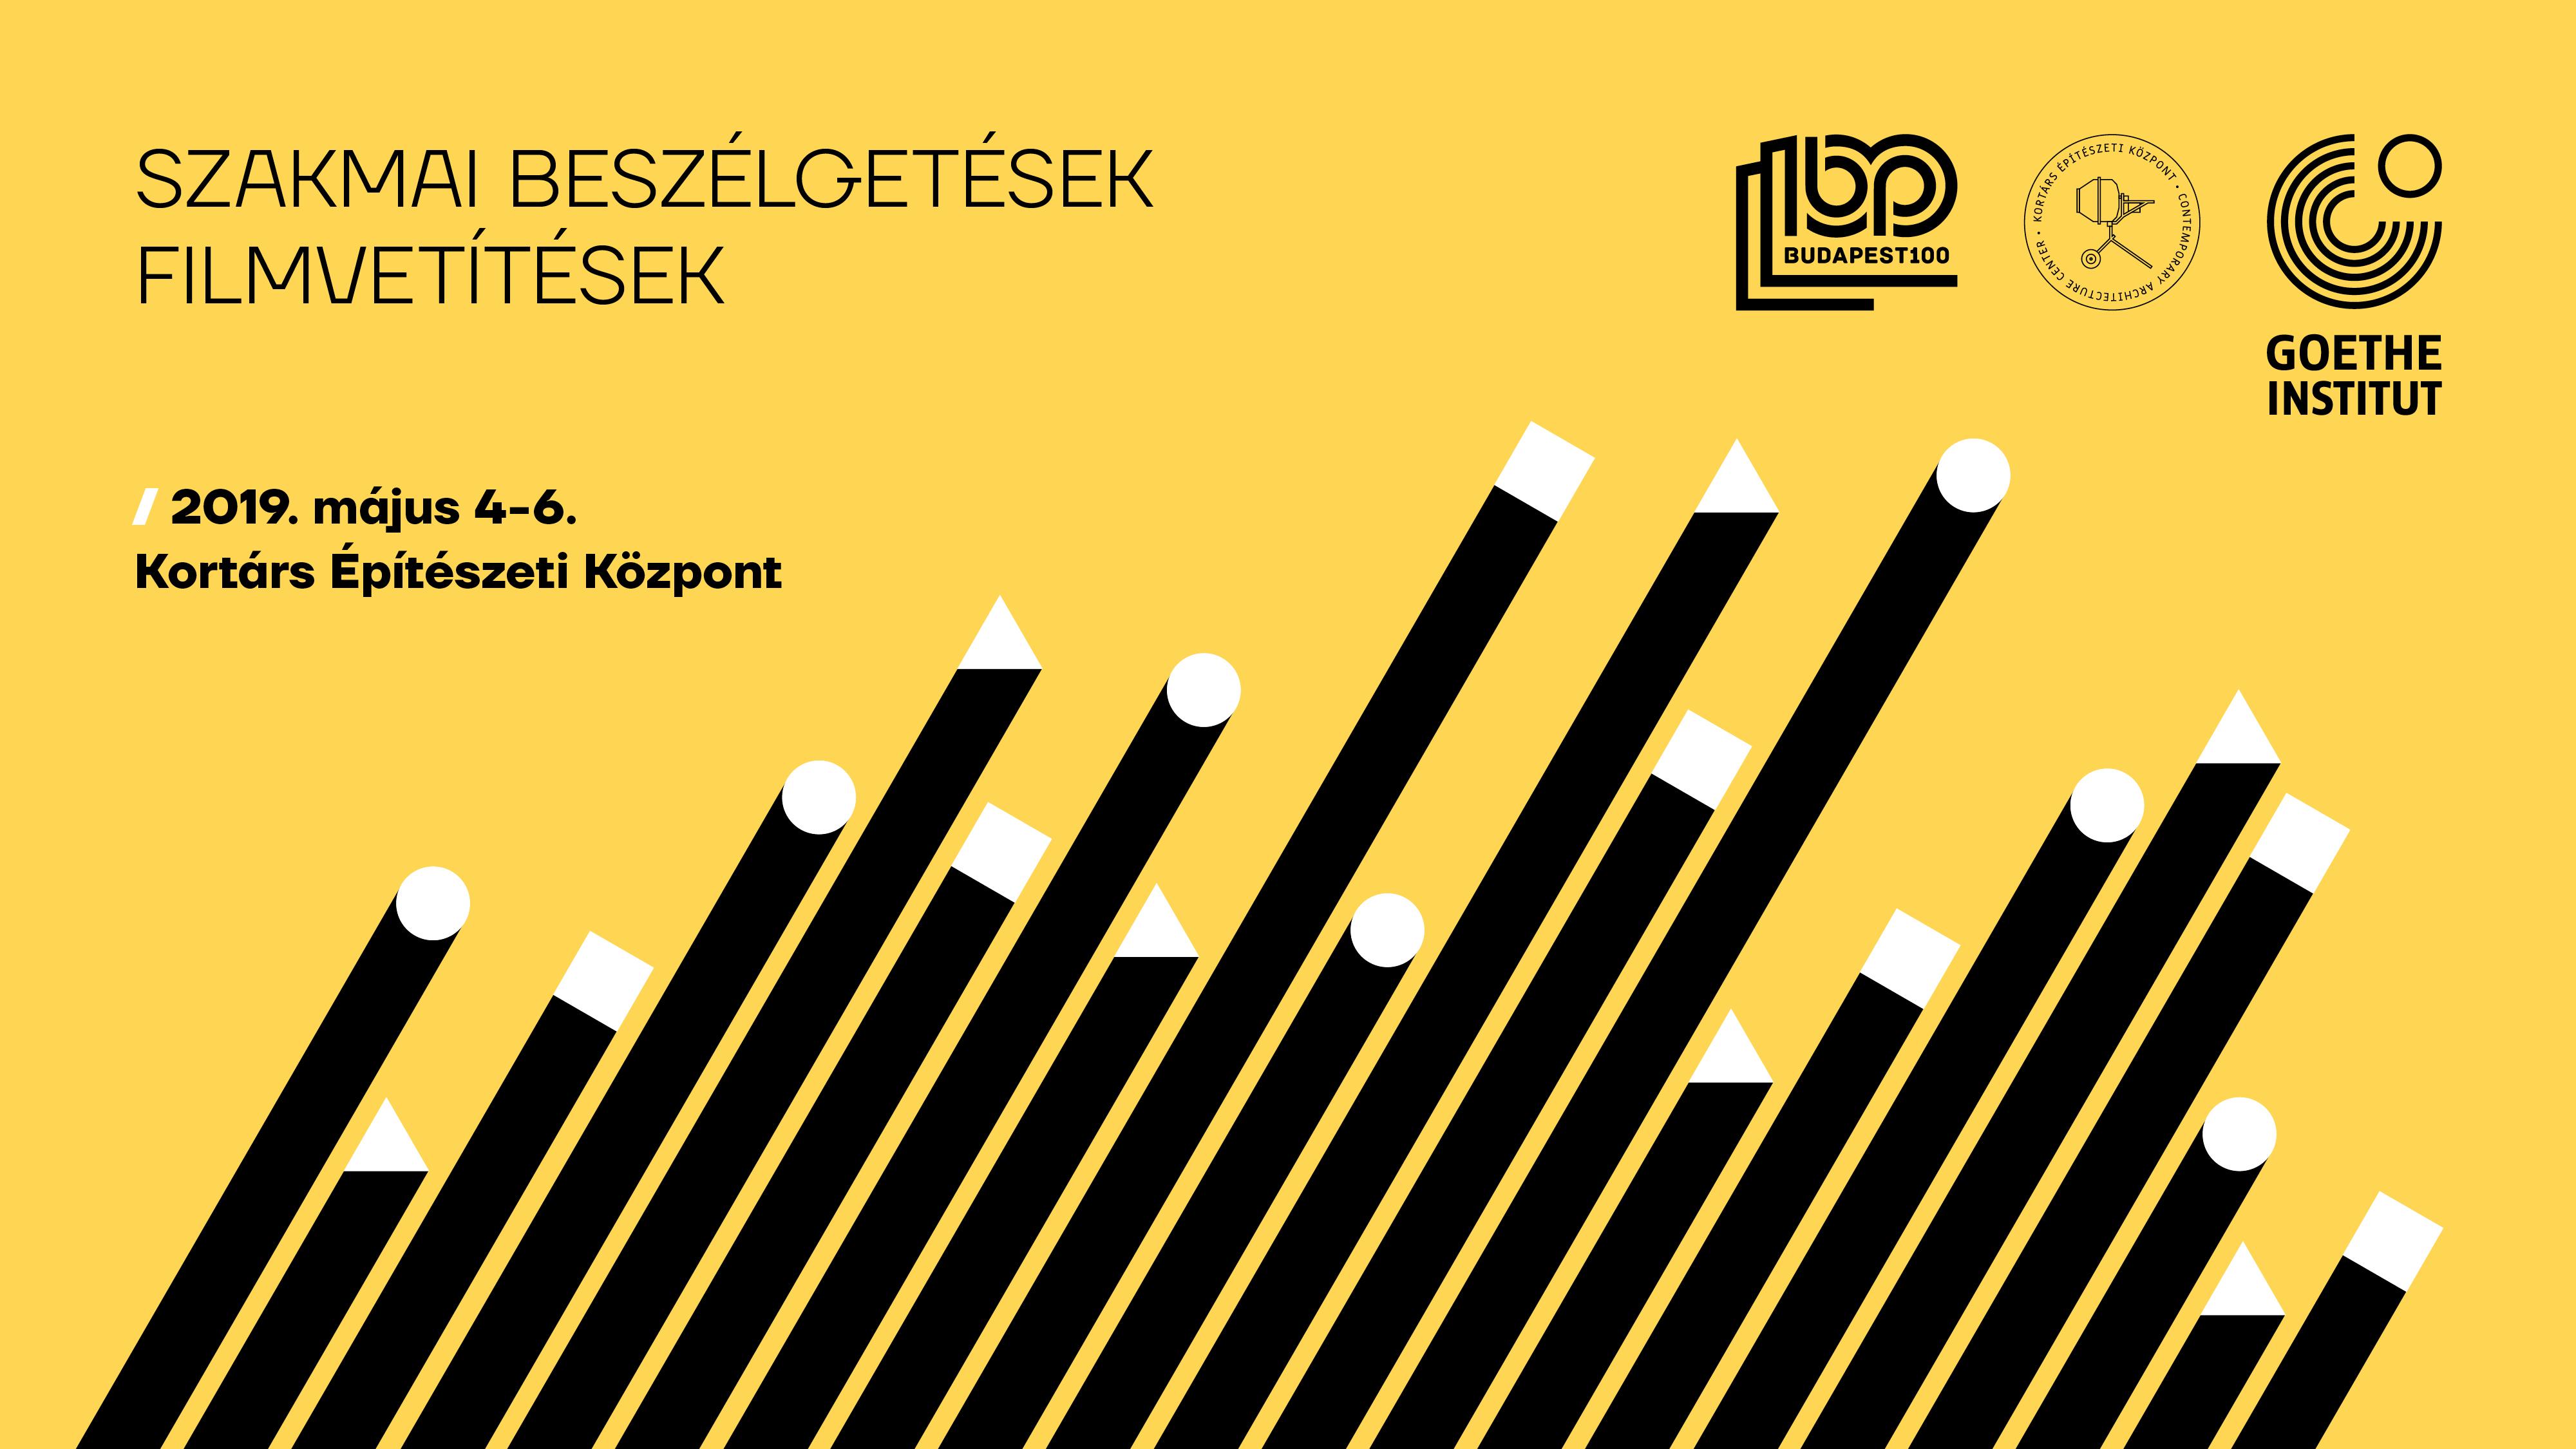 2d7a325c6855 A Goethe Intézet és a Budapest100 programjai a KÉK-ben [*REG]